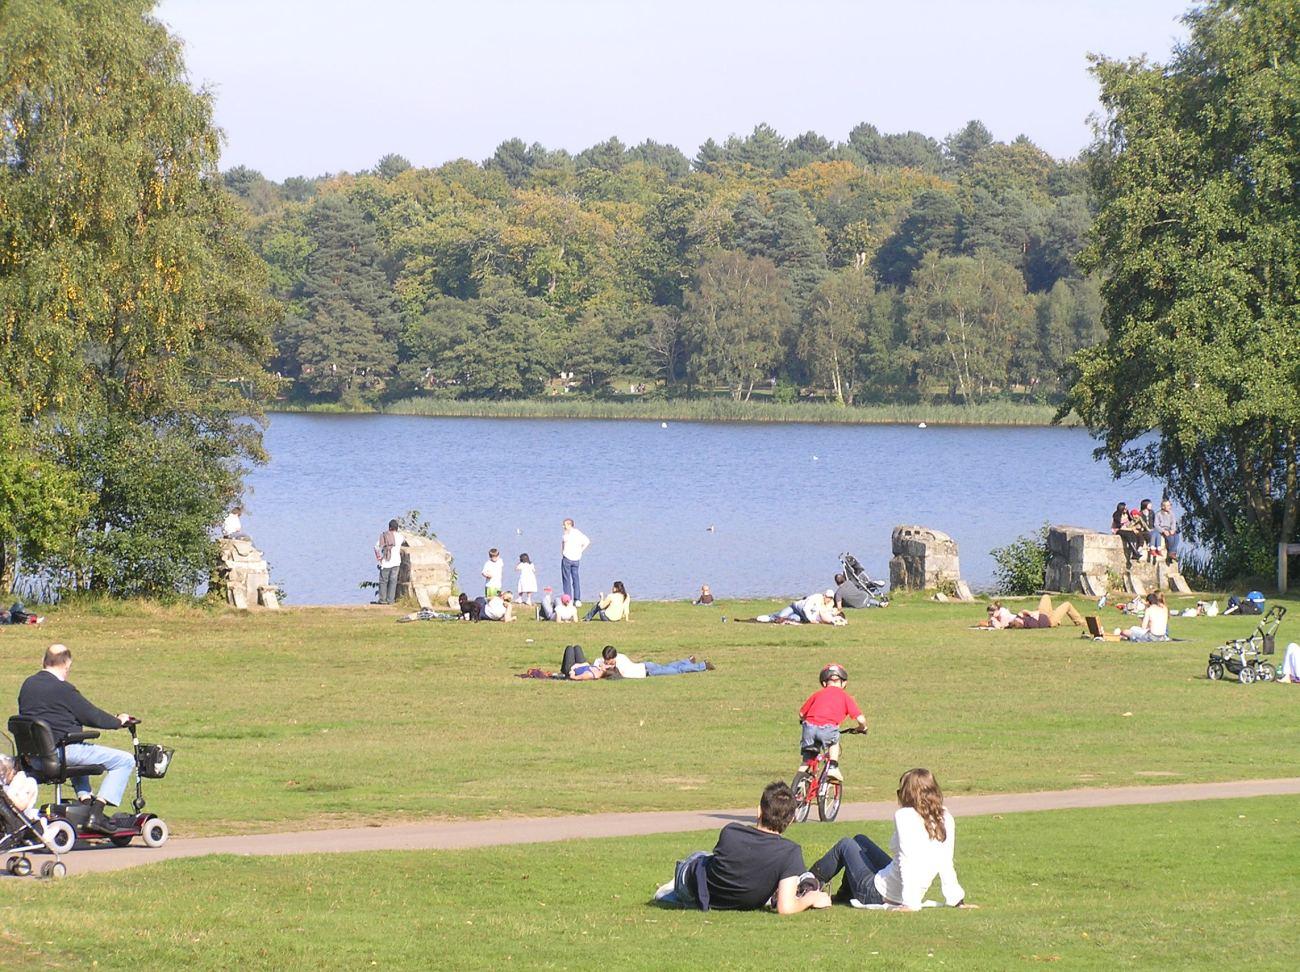 El lago de Virginia Water también aparece en los films de Harry Potter